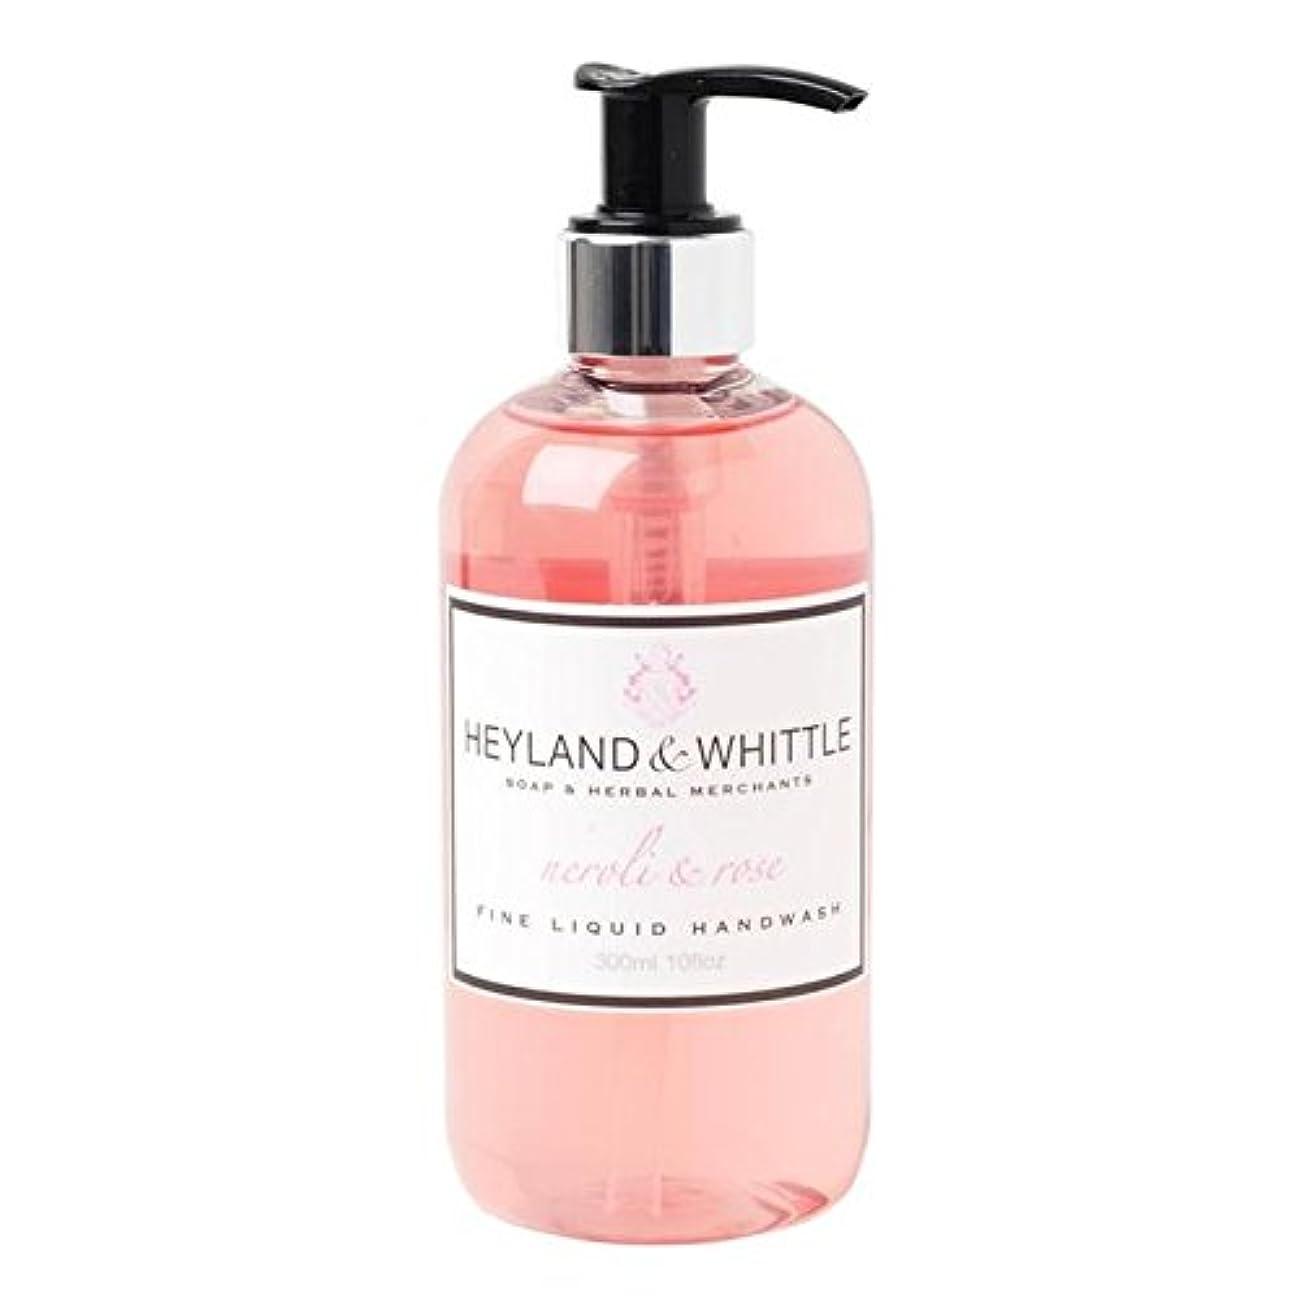 脱獄嵐の分散&削るネロリ&手洗いの300ミリリットルをバラ x2 - Heyland & Whittle Neroli & Rose Handwash 300ml (Pack of 2) [並行輸入品]